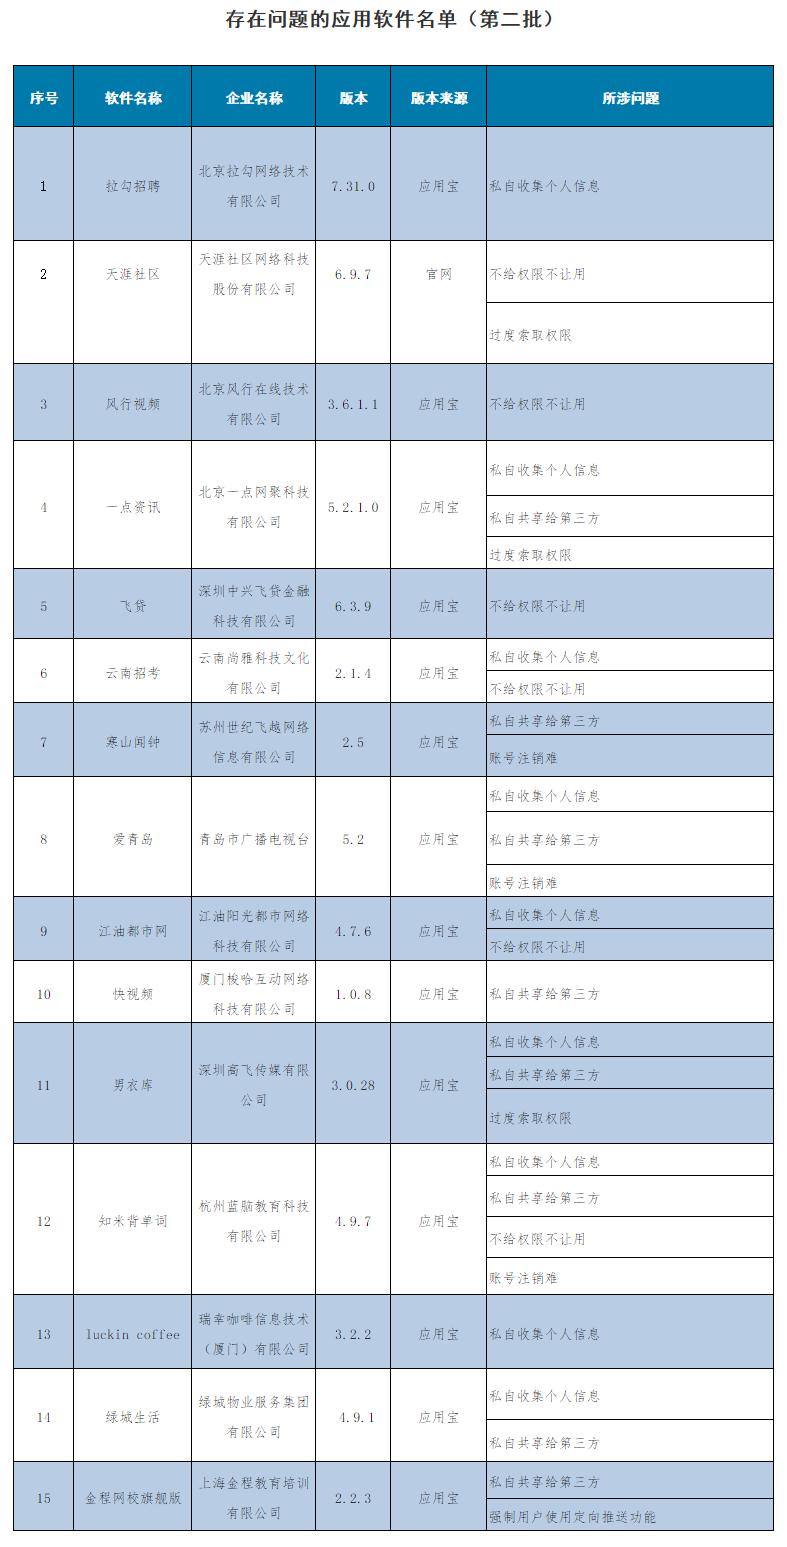 第二批侵害用户权益APP名单:天涯社区飞贷等15款在列